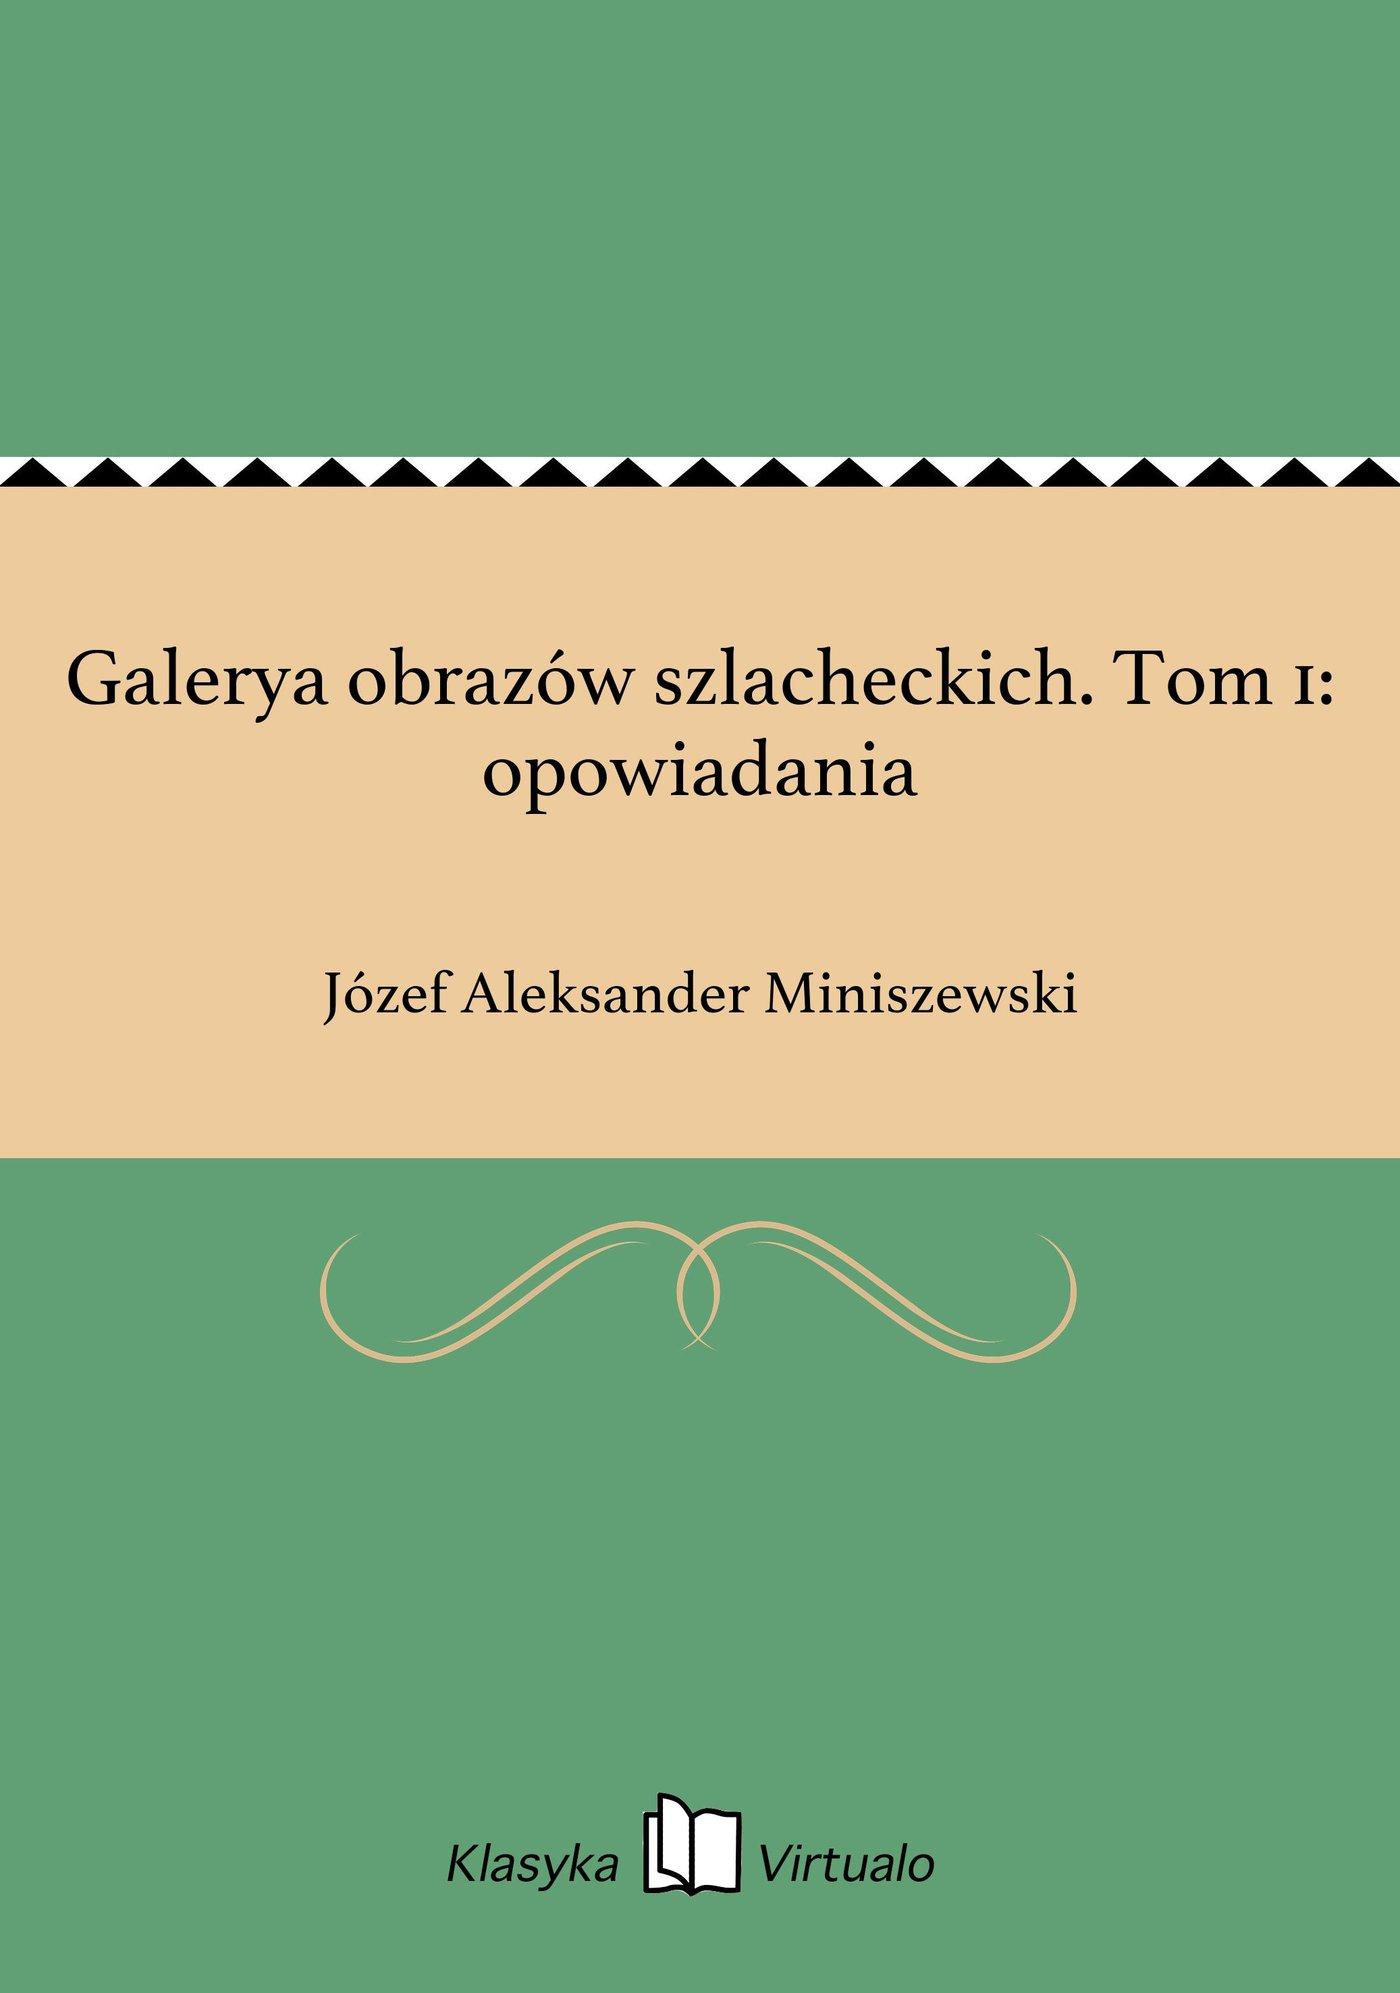 Galerya obrazów szlacheckich. Tom 1: opowiadania - Ebook (Książka na Kindle) do pobrania w formacie MOBI